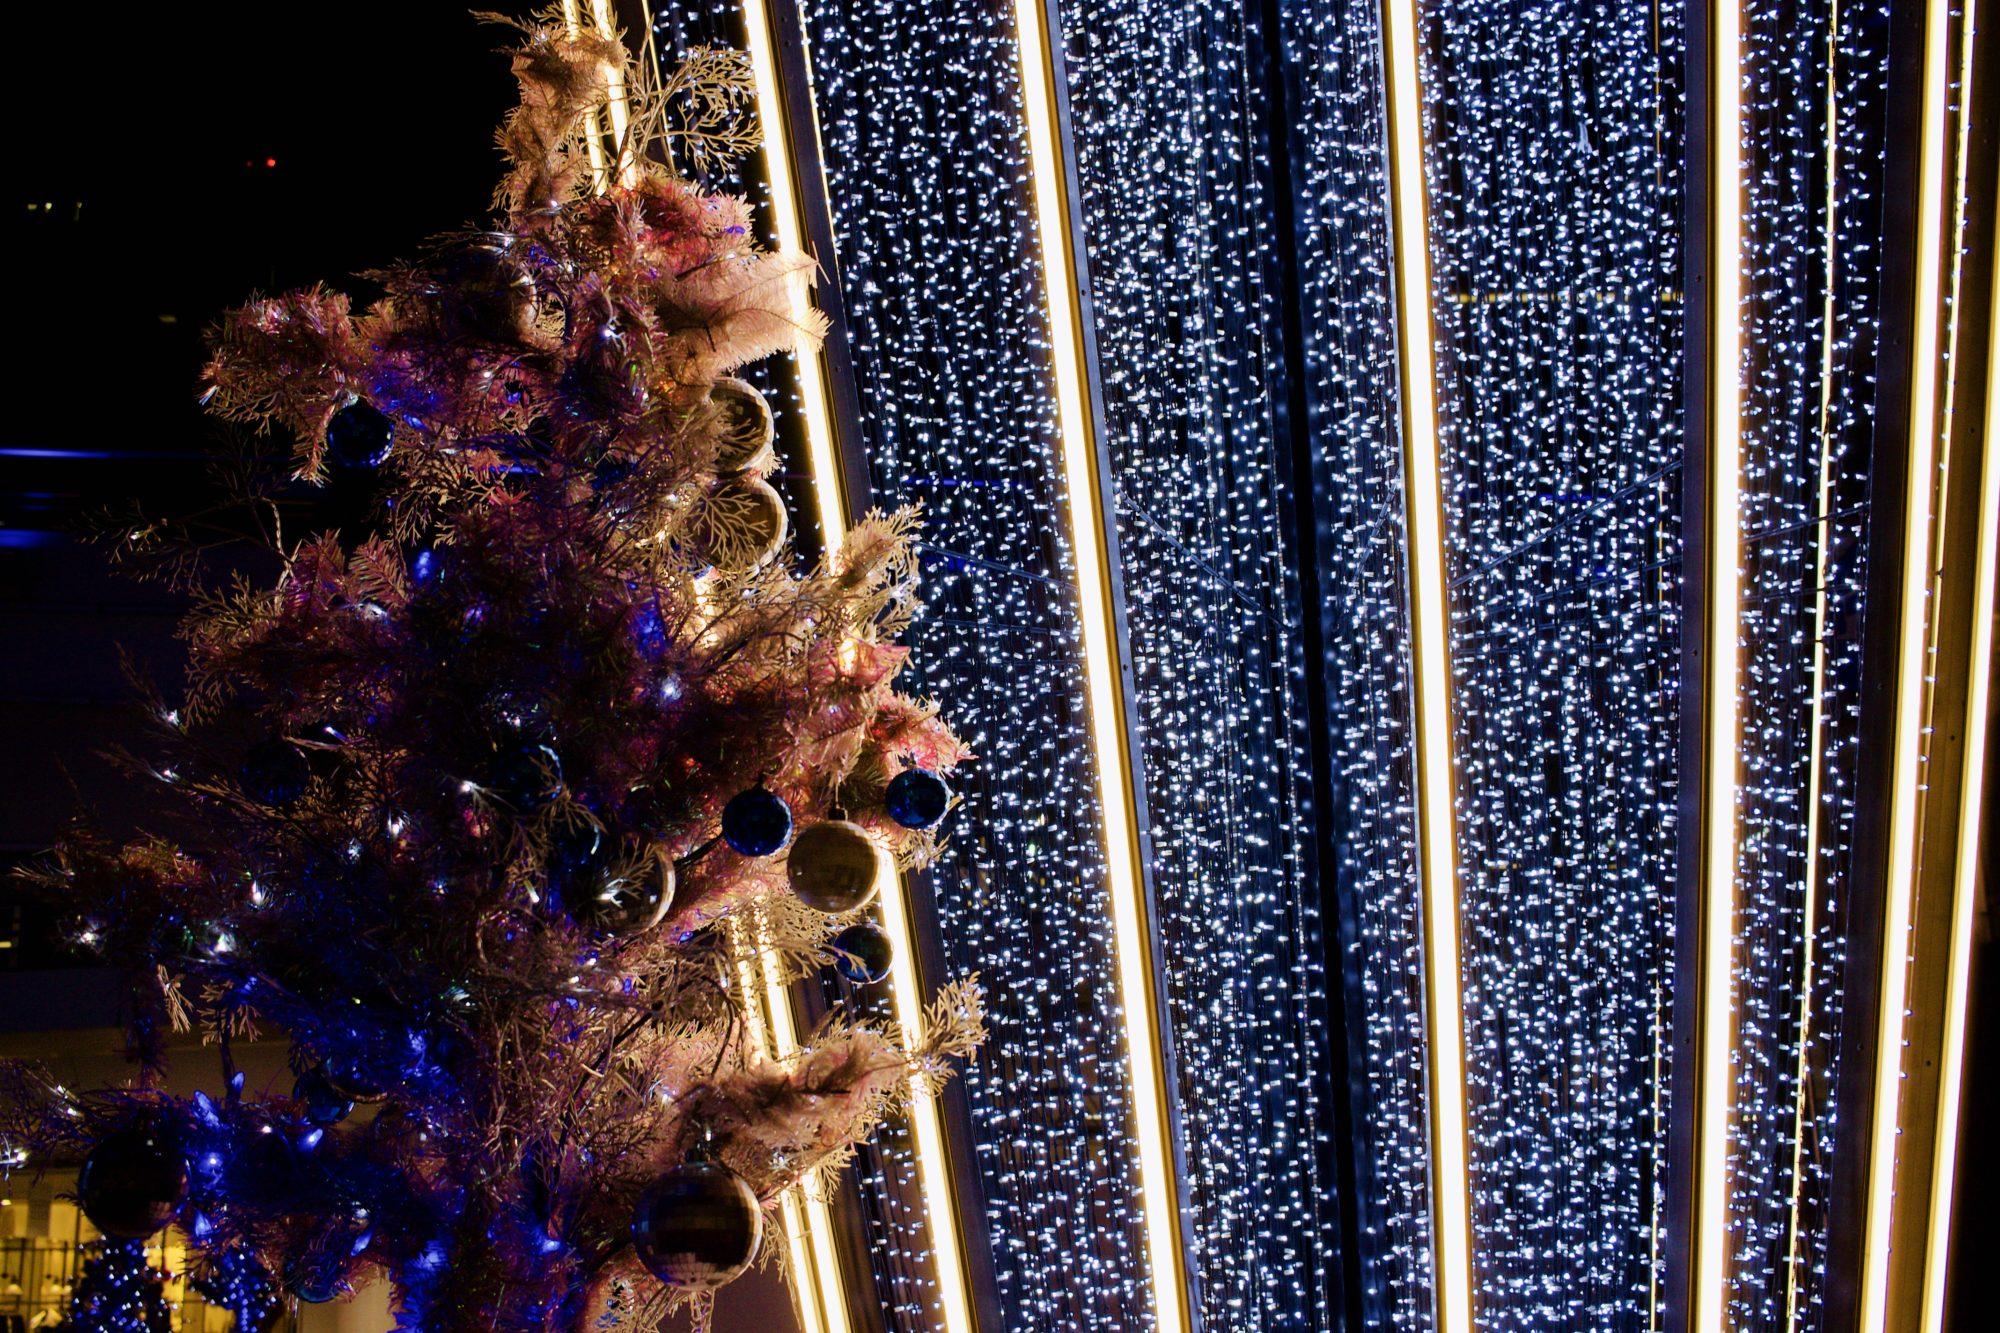 クリスマスのイルミネーションとテレビ塔@名古屋栄